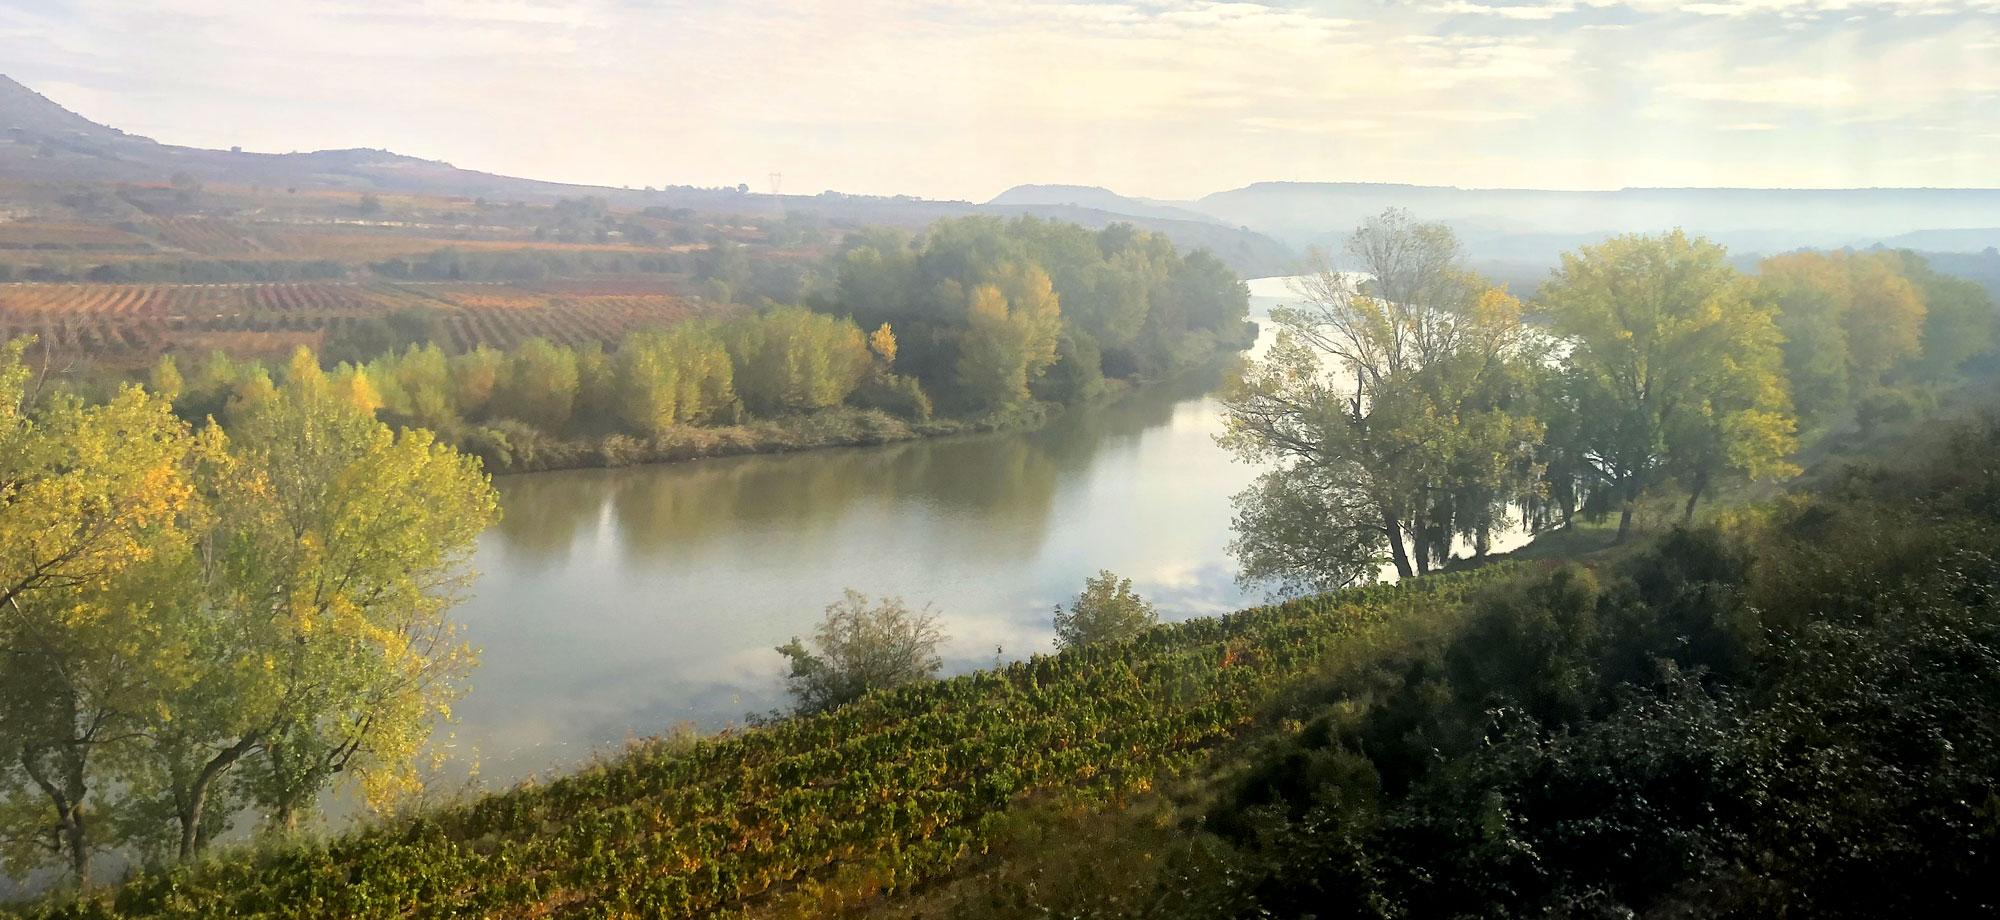 Uno de los característicos meandros que dibuja el Ebro a su paso por tierras riojanas